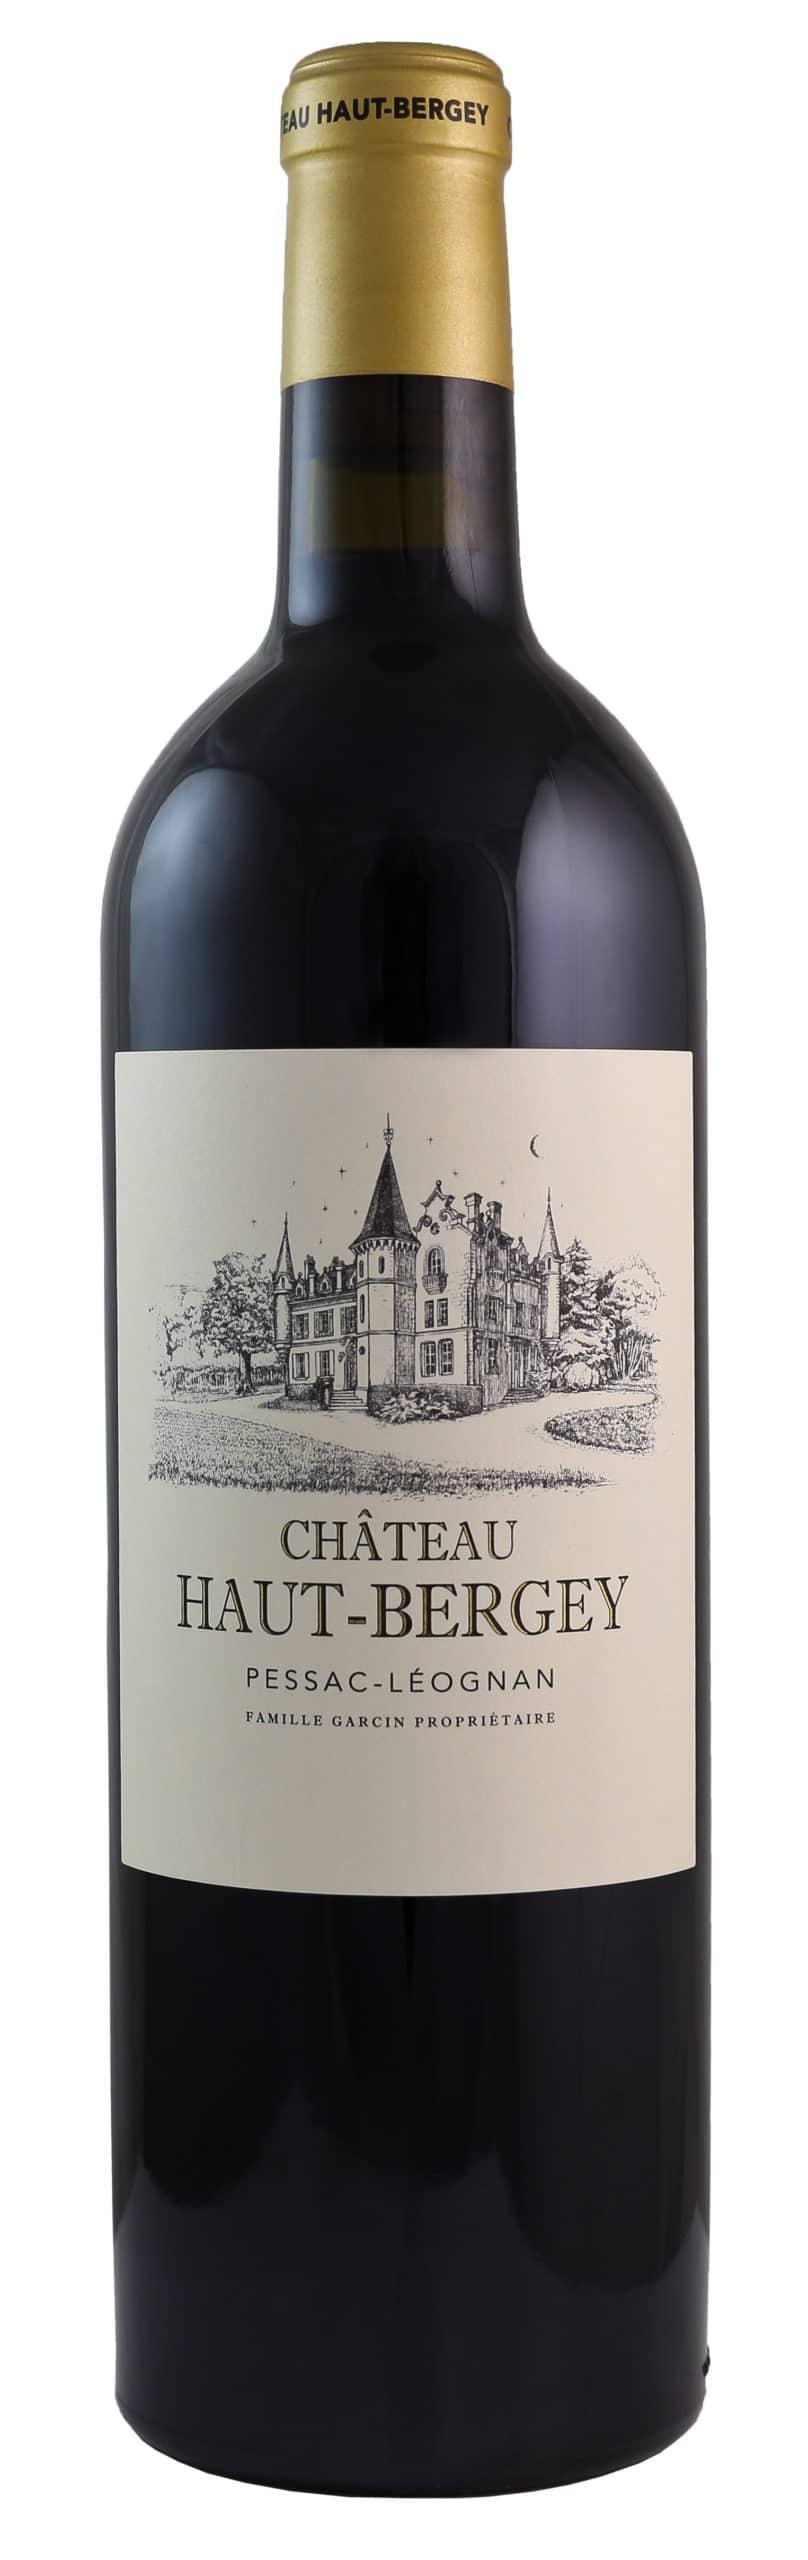 vins-pessac-leognan-l-apprenti-sommelier-chateau-haut-bergey-rouge-bouteille-rouge